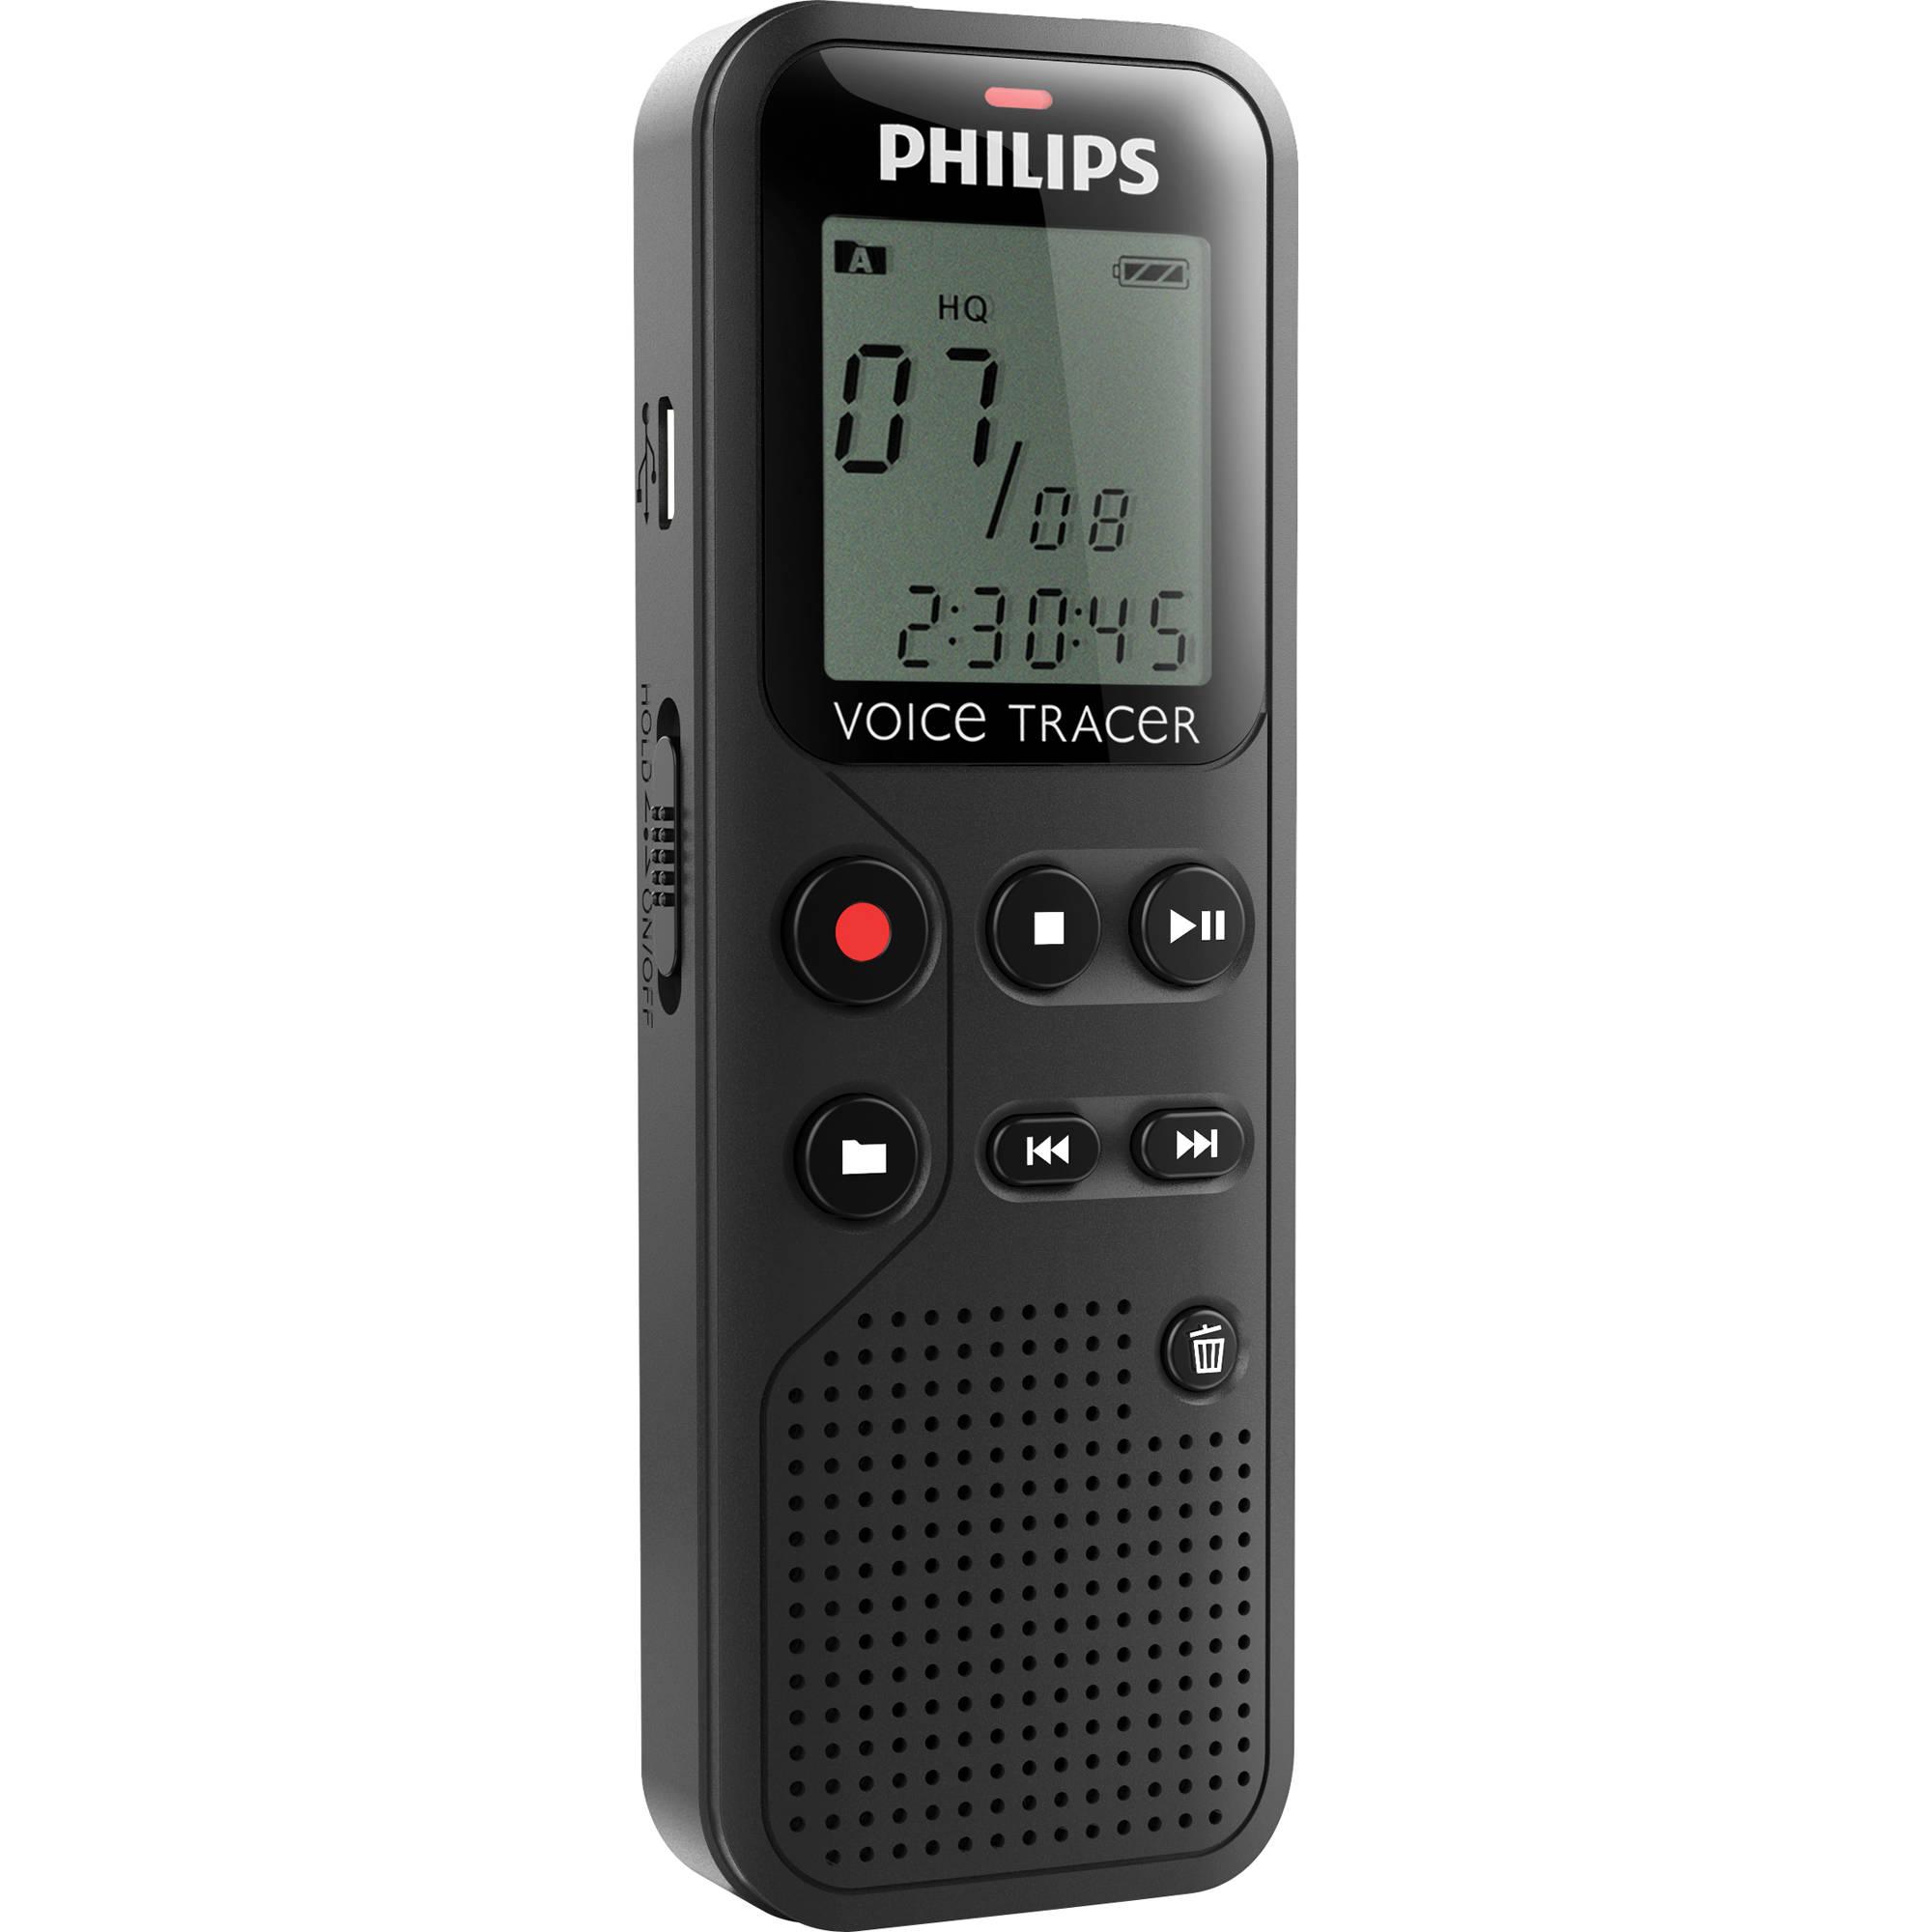 MÁY GHI ÂM PHILIPS VOICE TRACE DVT-1100